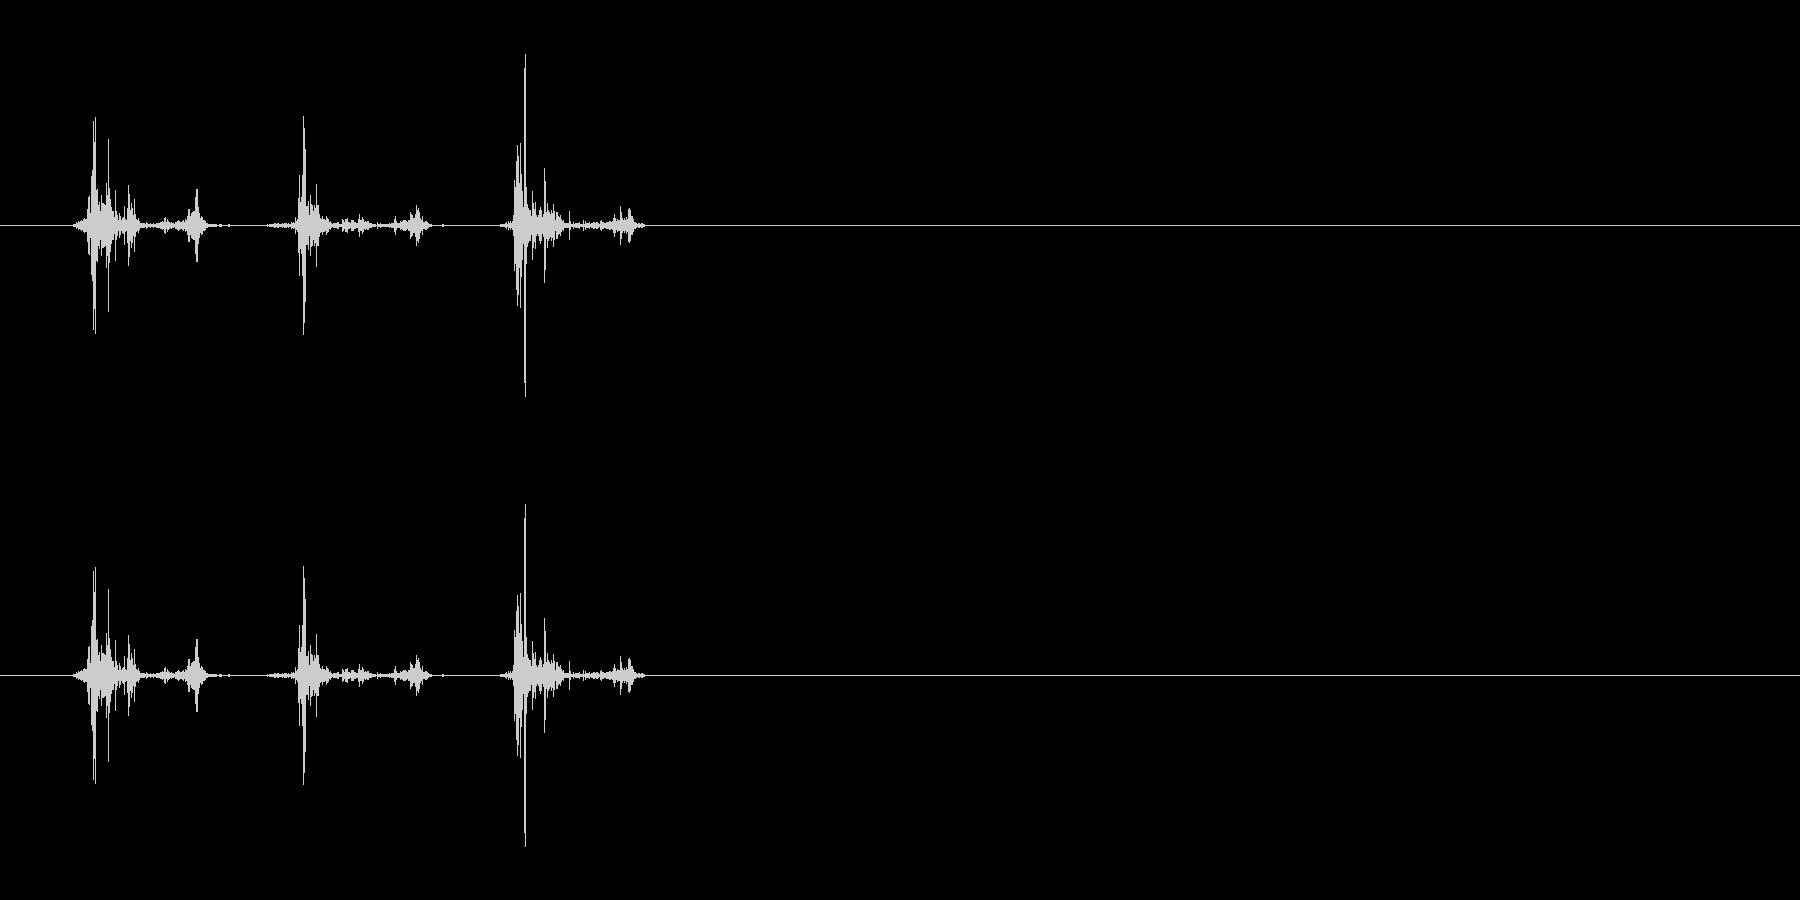 マッチ箱を振る音(カシャカシャ)の未再生の波形